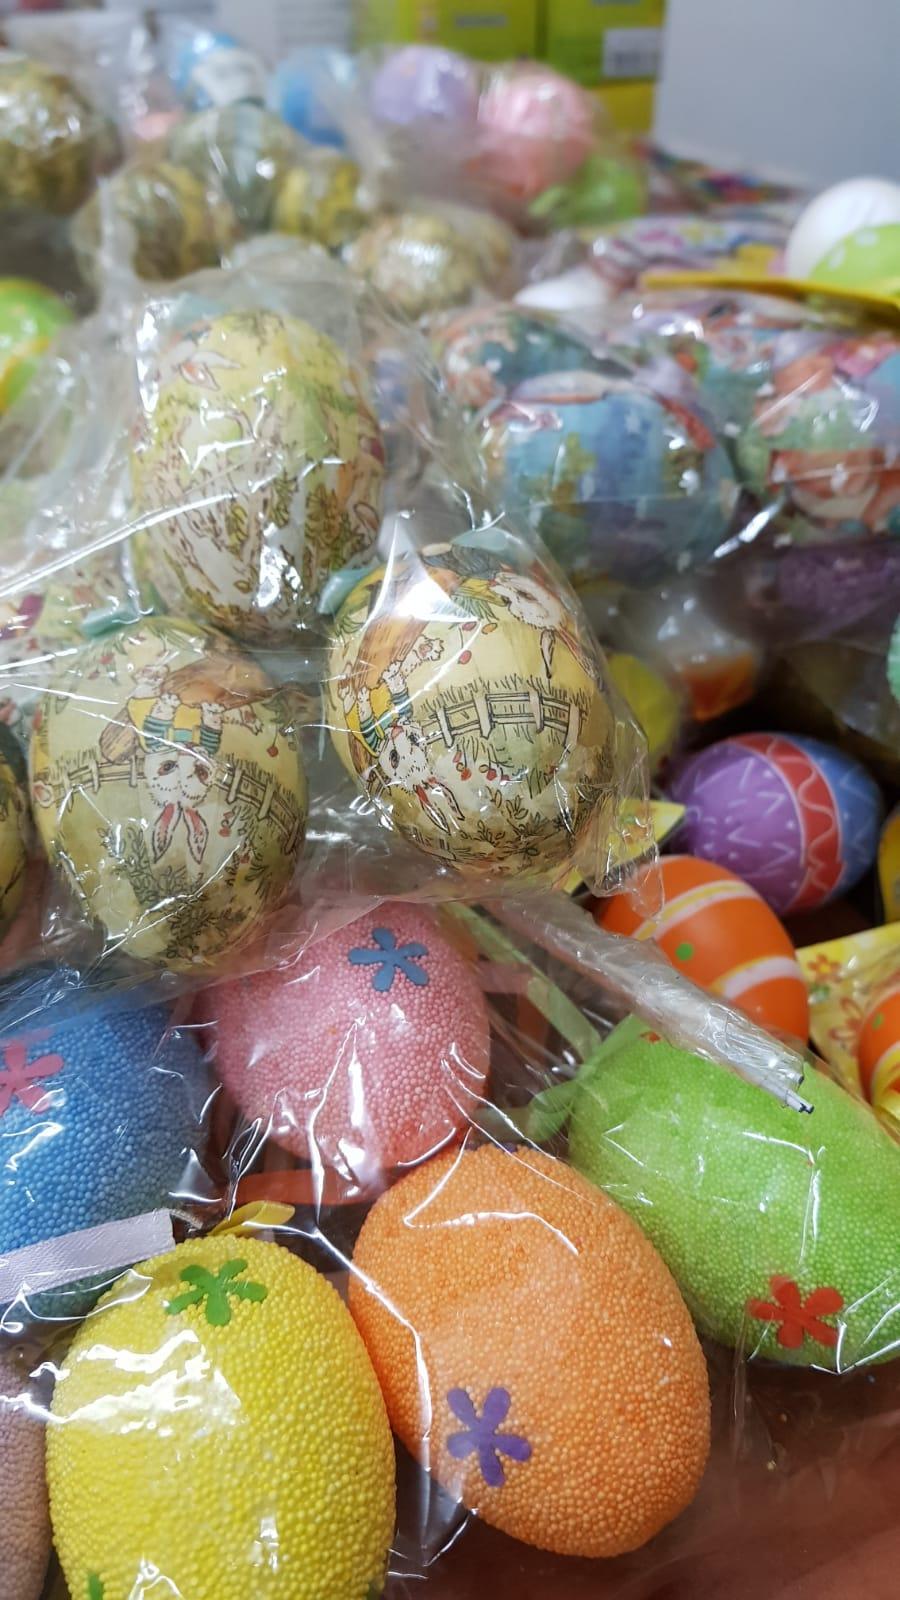 تحضيرات لاحتفالات عيد الفصح المجيد لدى الطوائف الشرقية